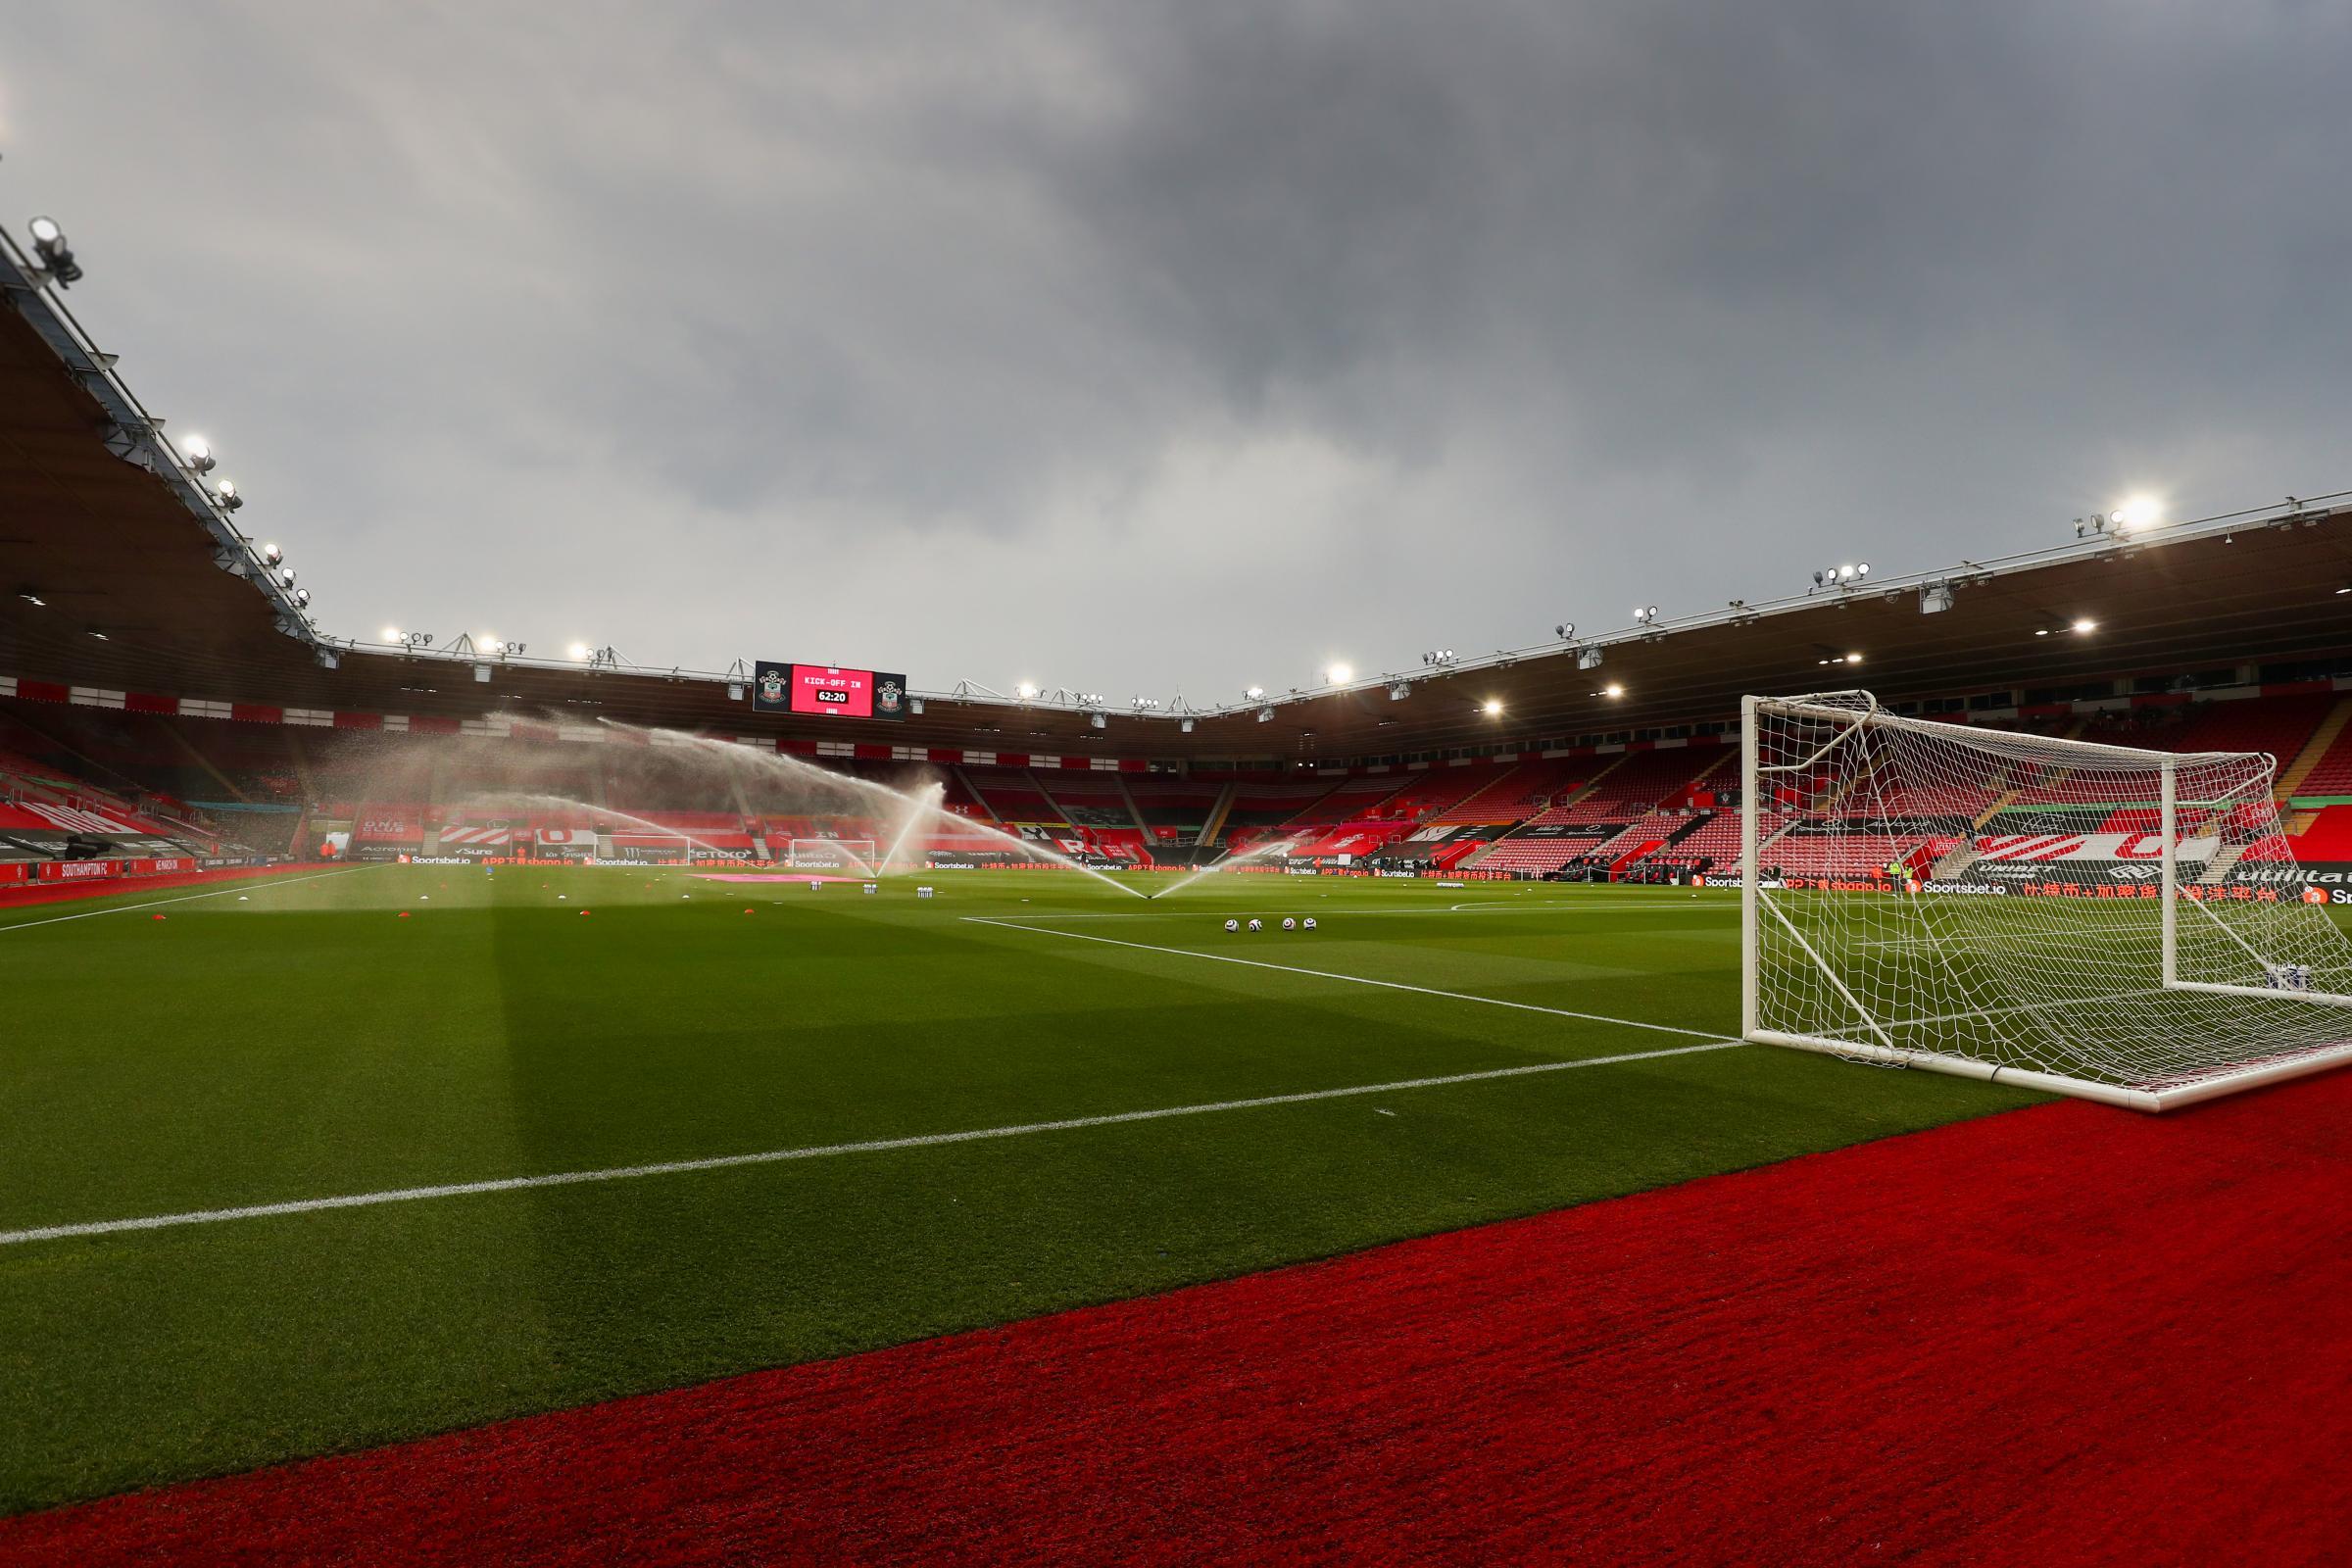 Premier League: Saints v Leicester City live match updates